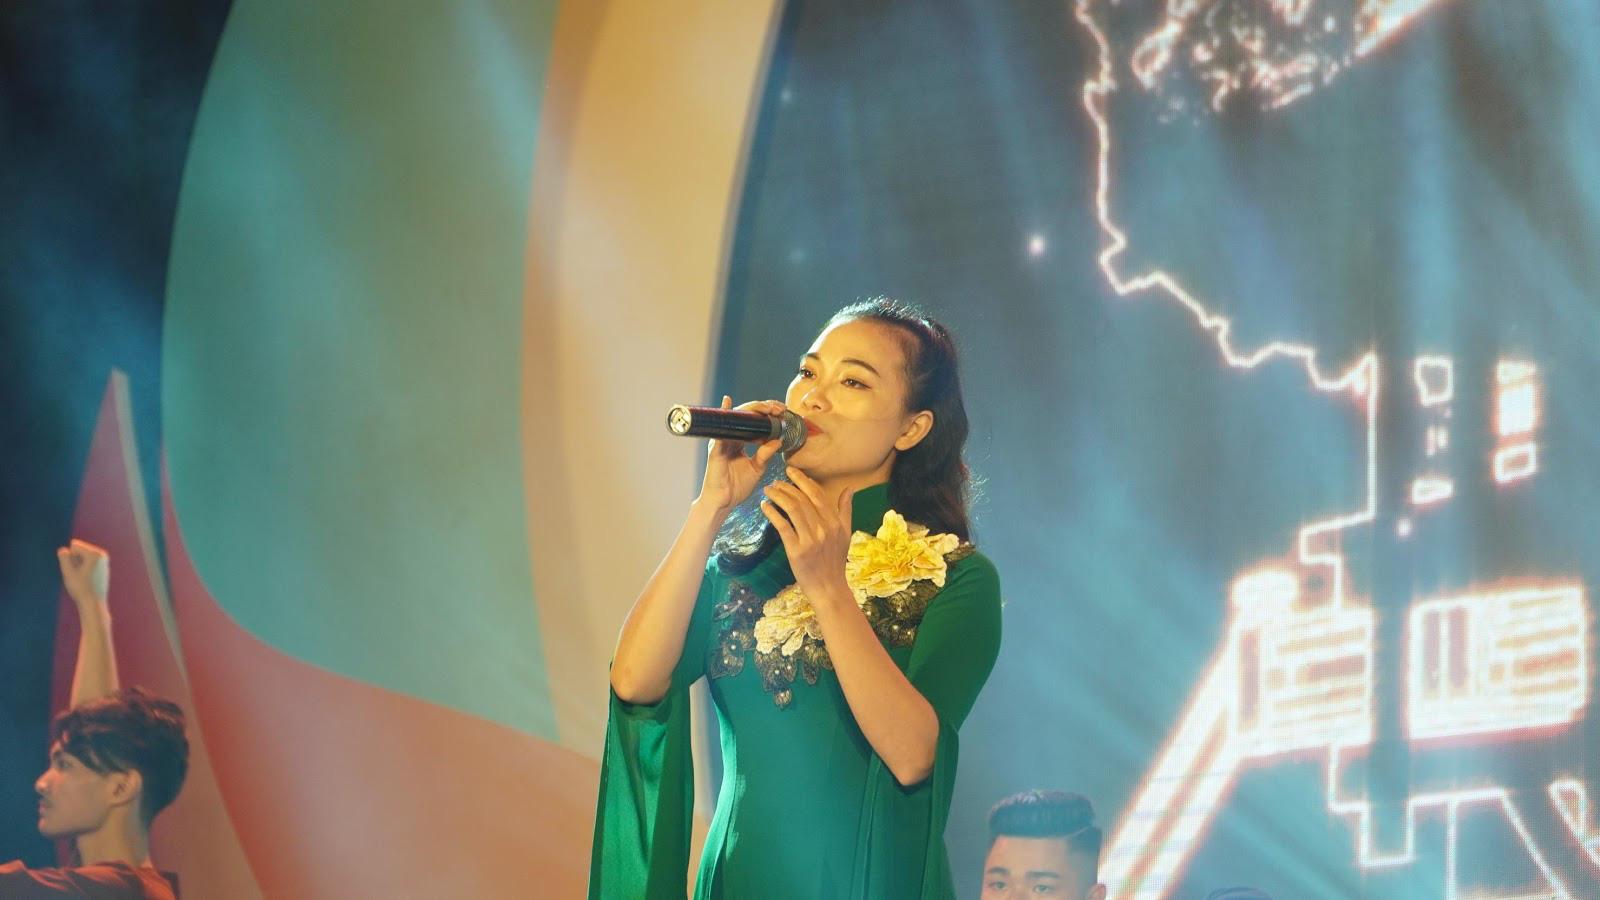 Chương trình nghệ thuật Tự hào Việt Nam năm 2020 gây ấn tượng với khán giả thủ đô - Ảnh 2.